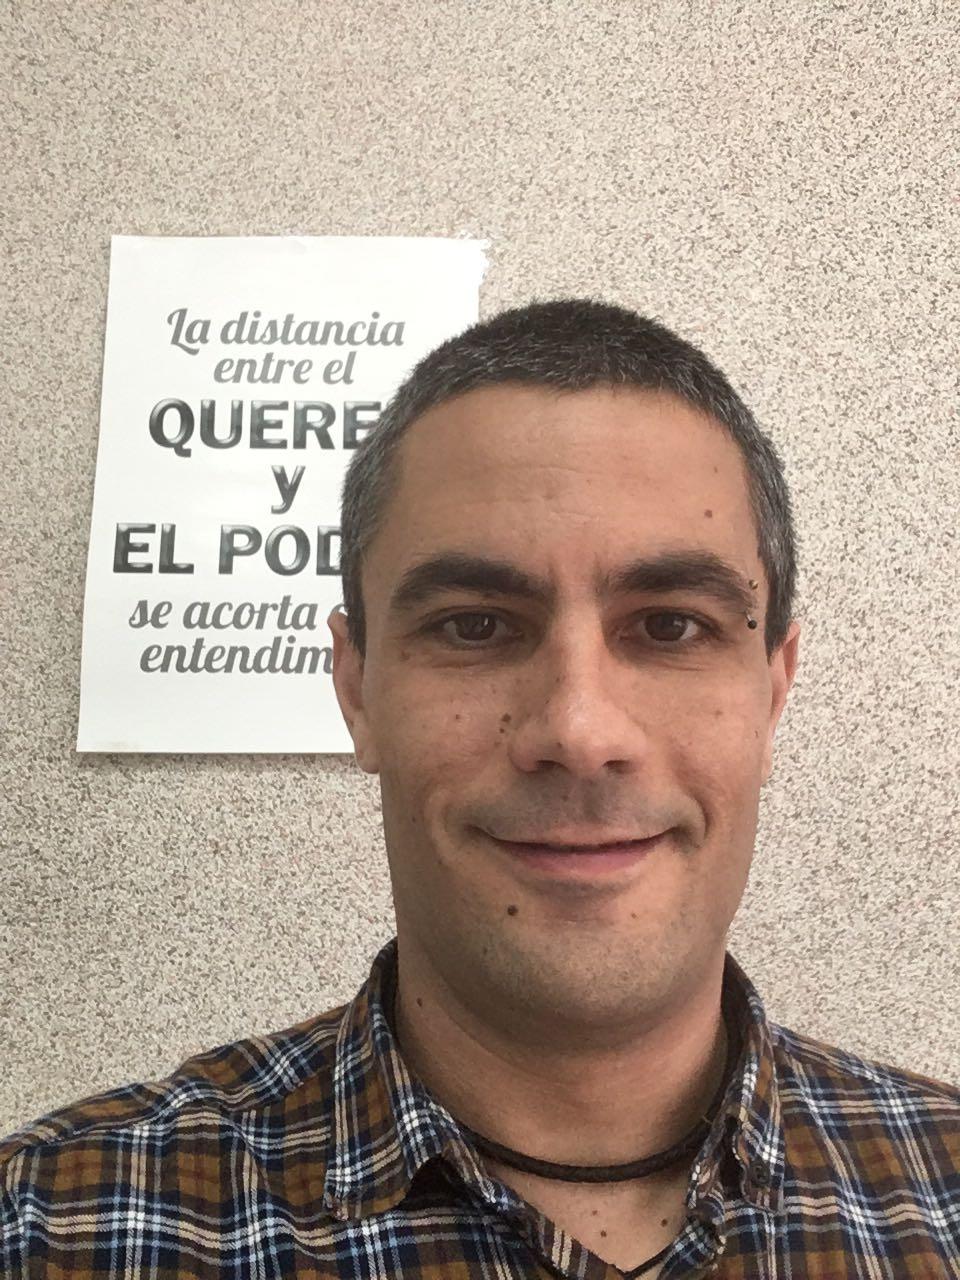 Guillermo Jiménez Rupérez